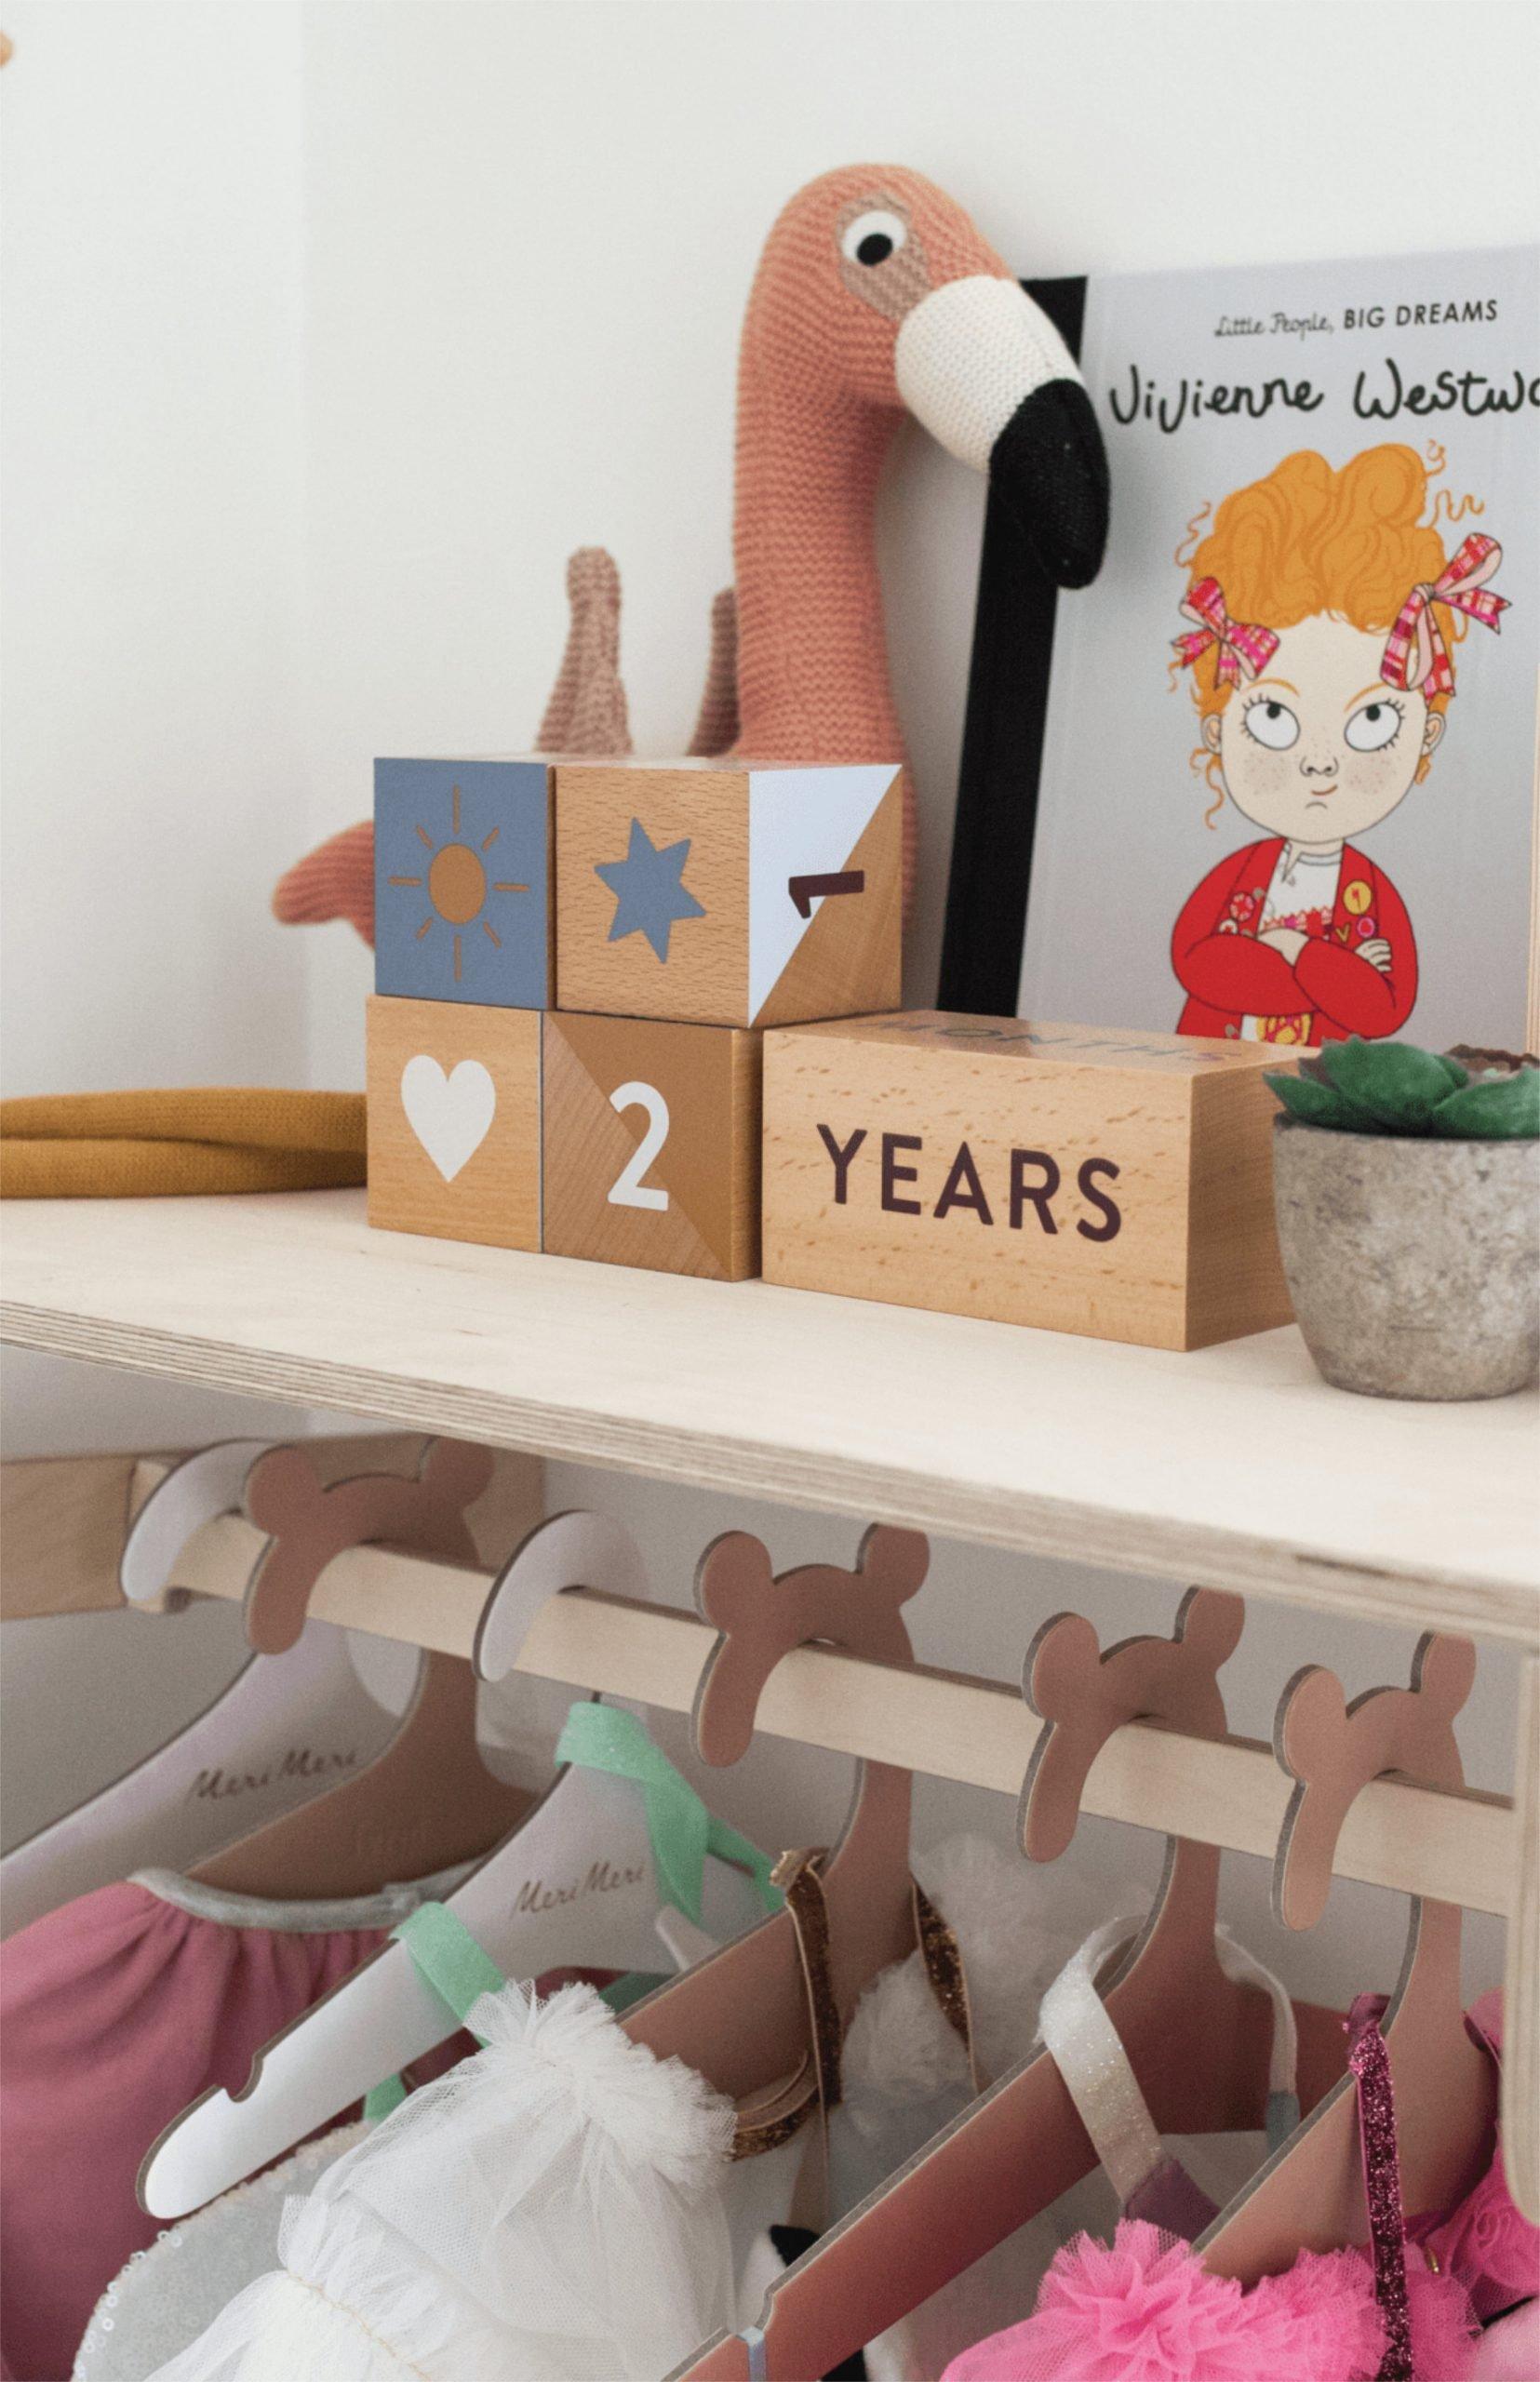 scandinavian feeling nursery decor kids wooden blocks scaled